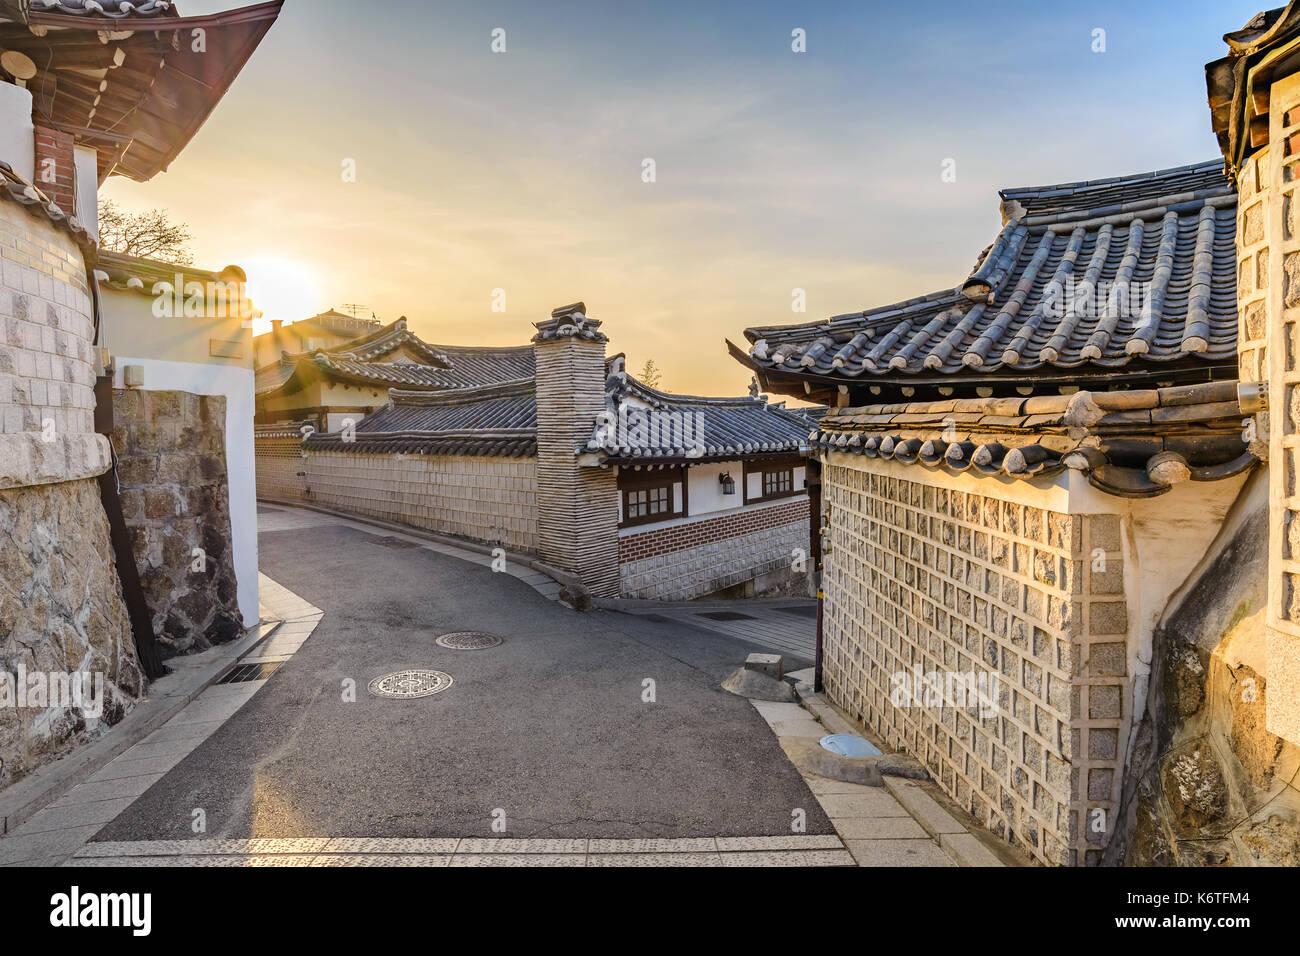 Amanecer el horizonte de la ciudad de Seúl en el pueblo de Bukchon Hanok, Seúl, Corea del Sur Imagen De Stock